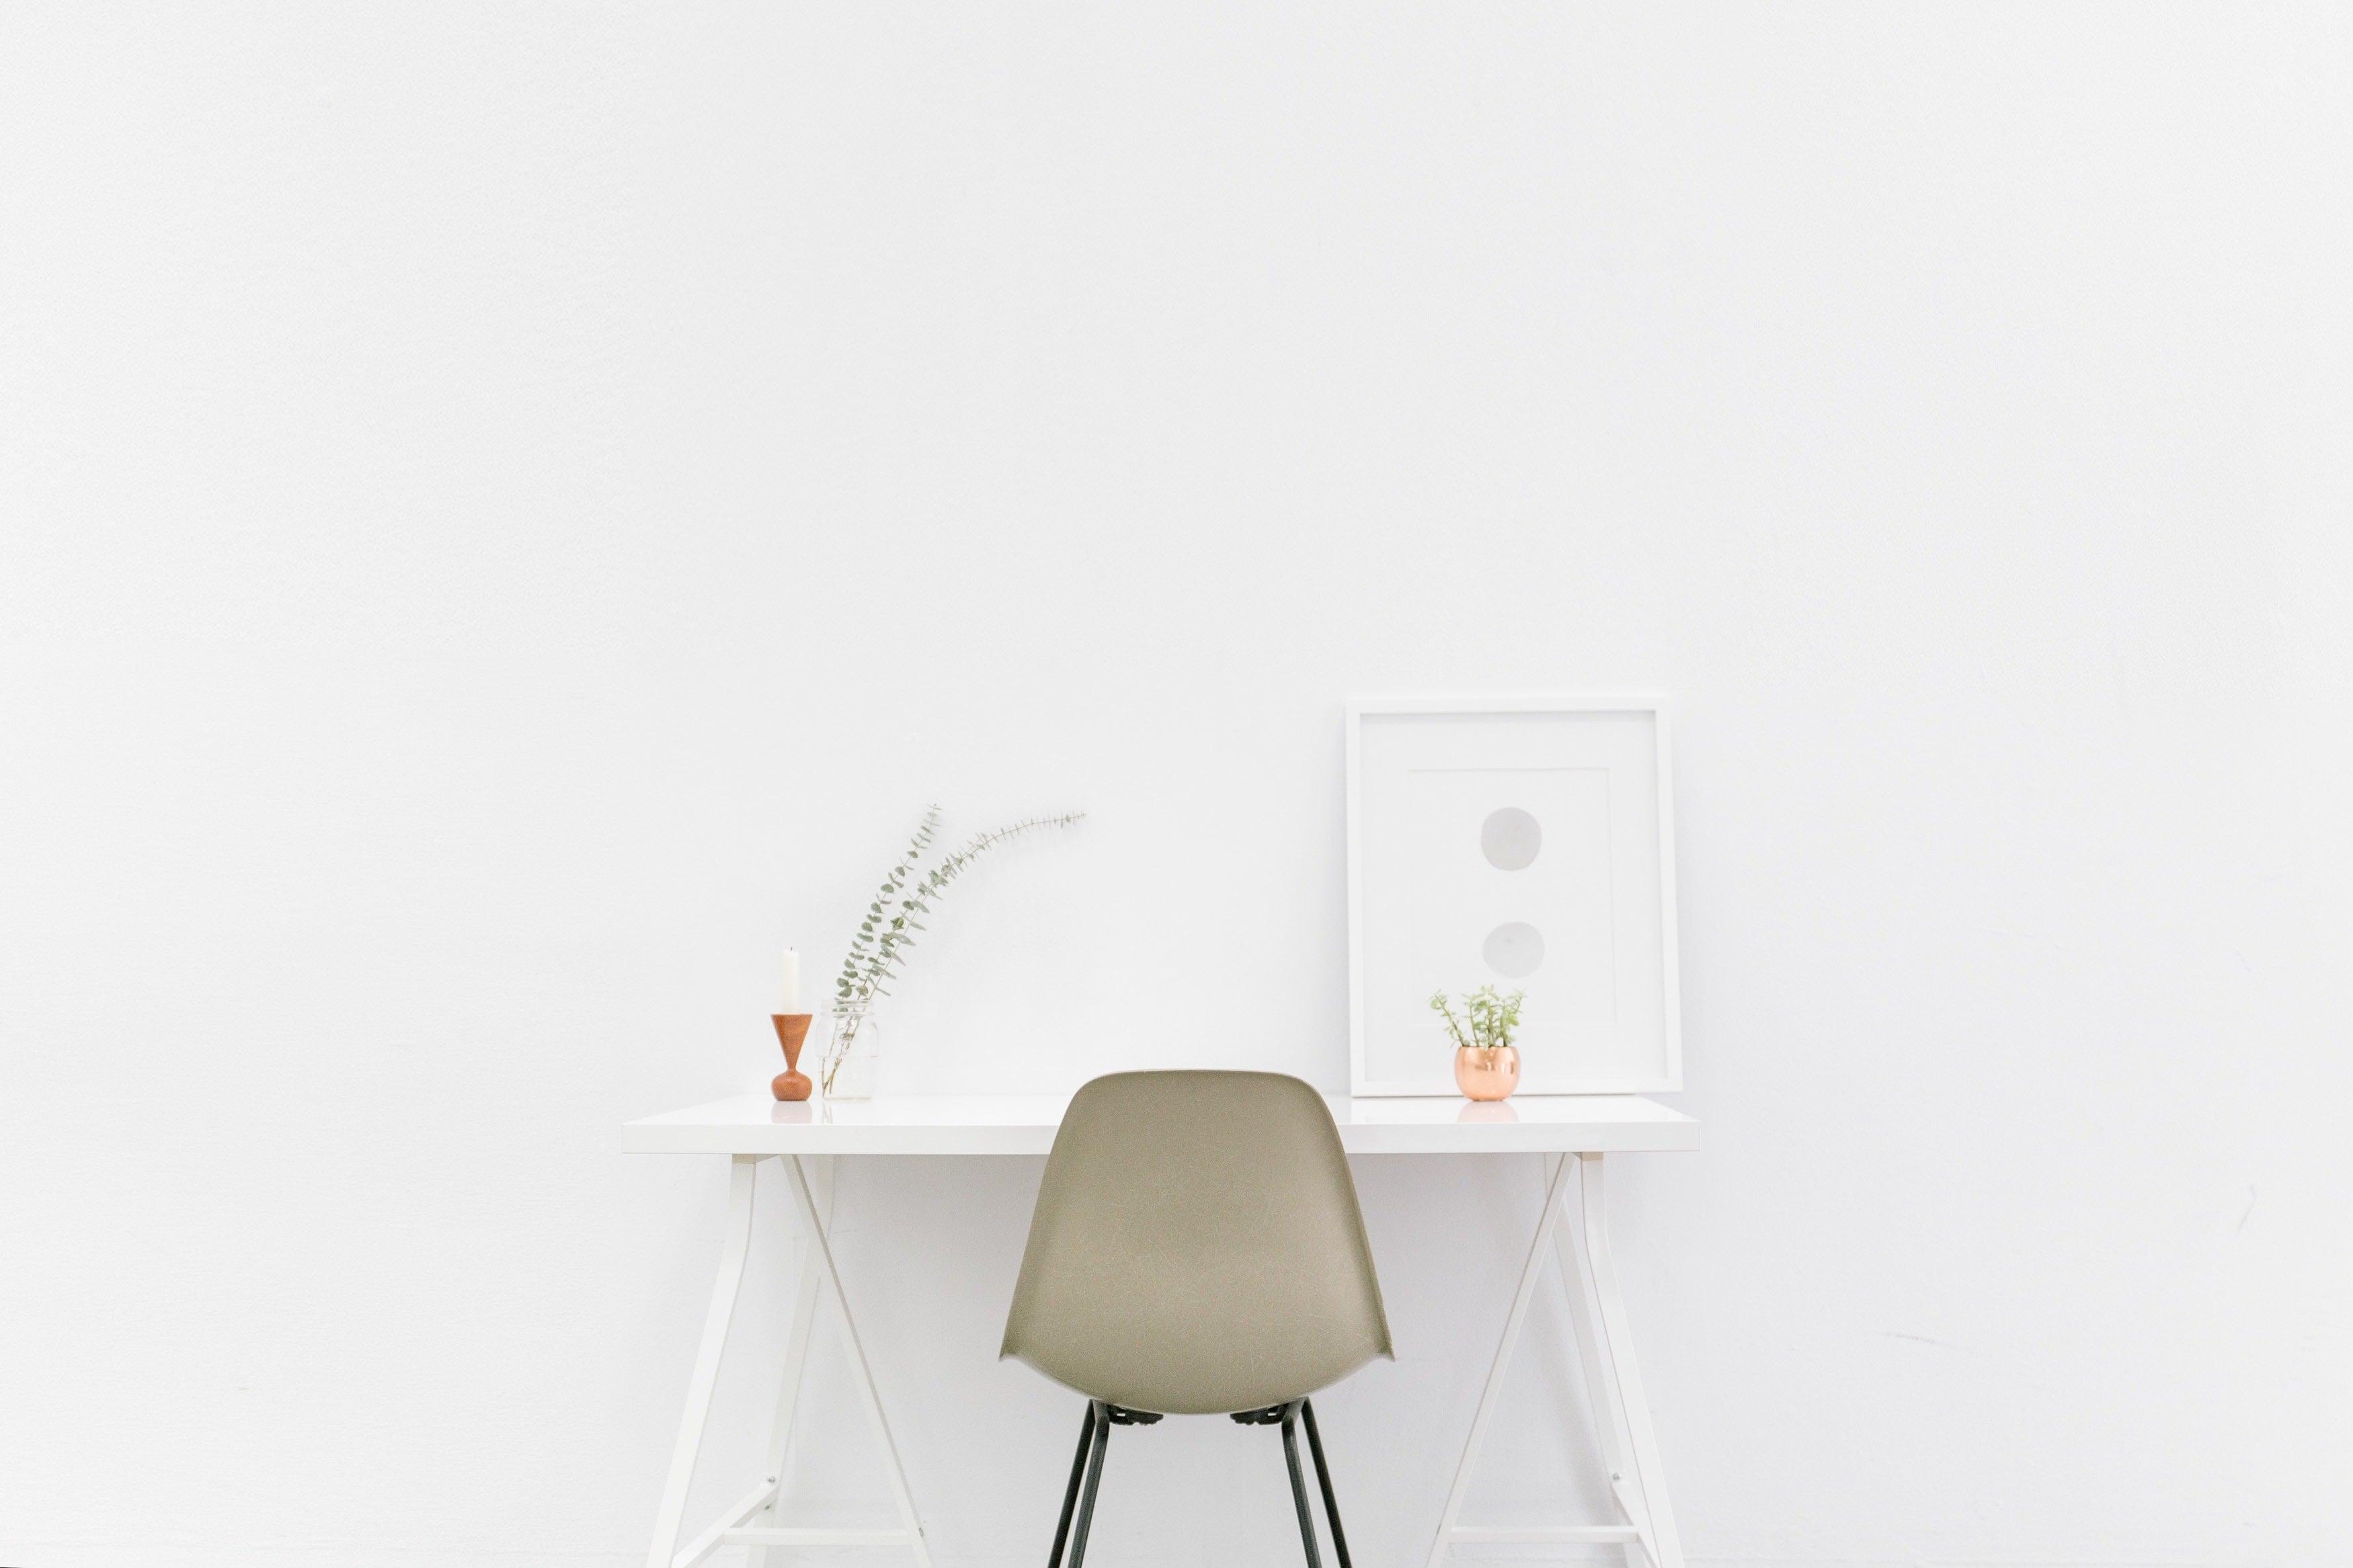 sedia con scrivania bianca che crea ispirazione